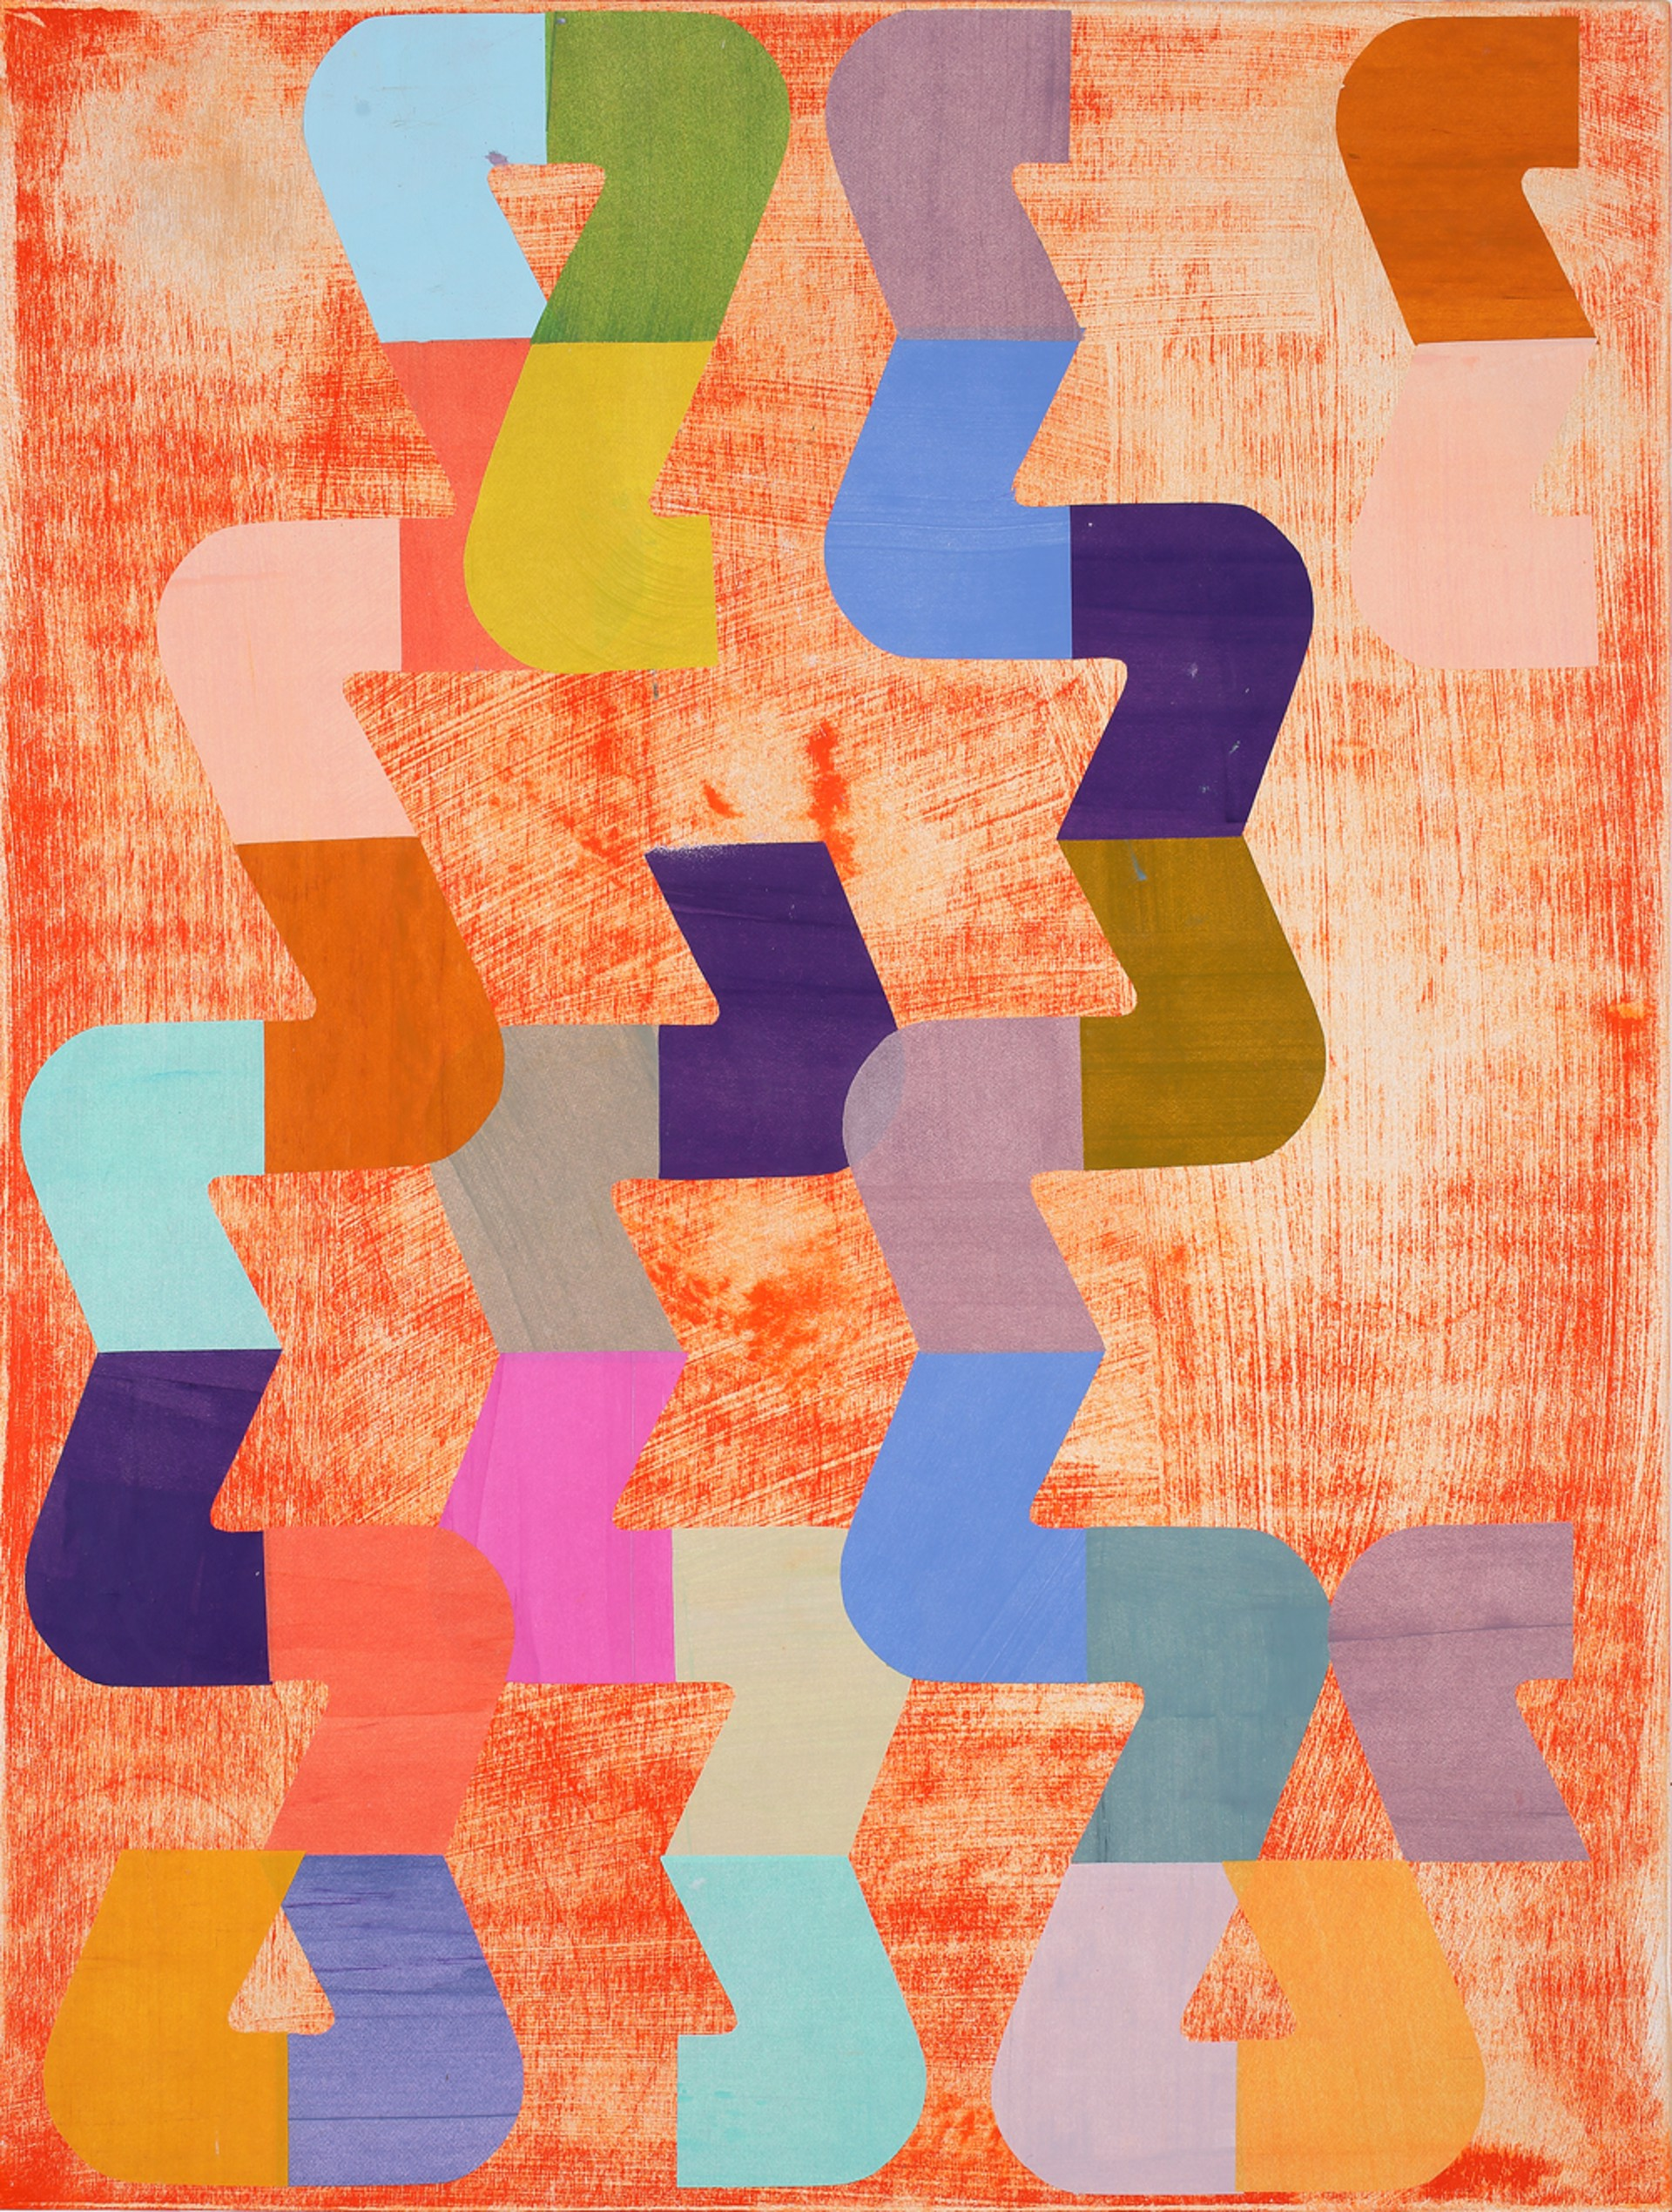 Pipe Dreams 2 by Lori Glavin